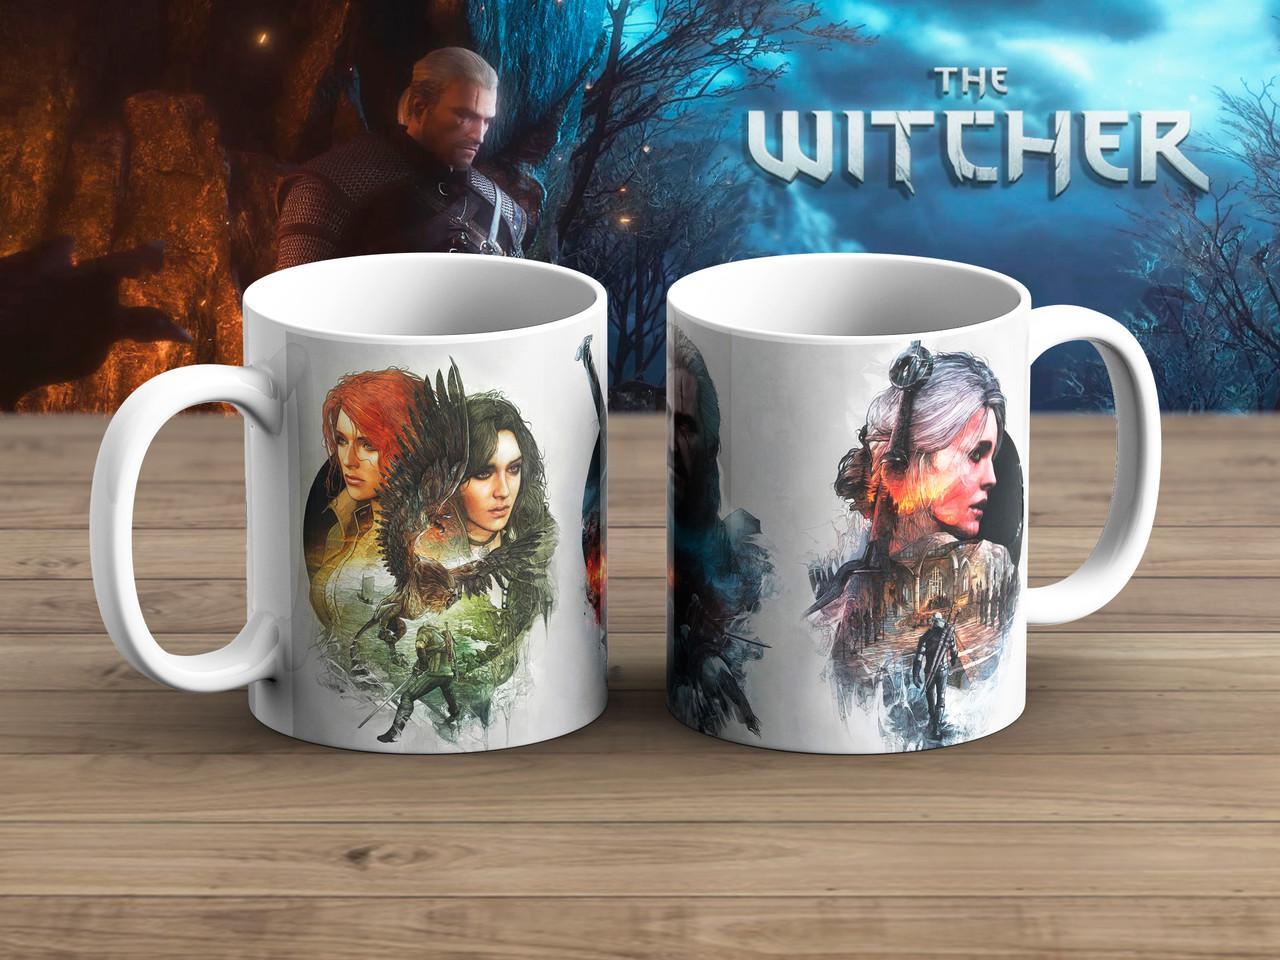 Чашка Девушки и Геральт Ведьмак / Тhe Witcher